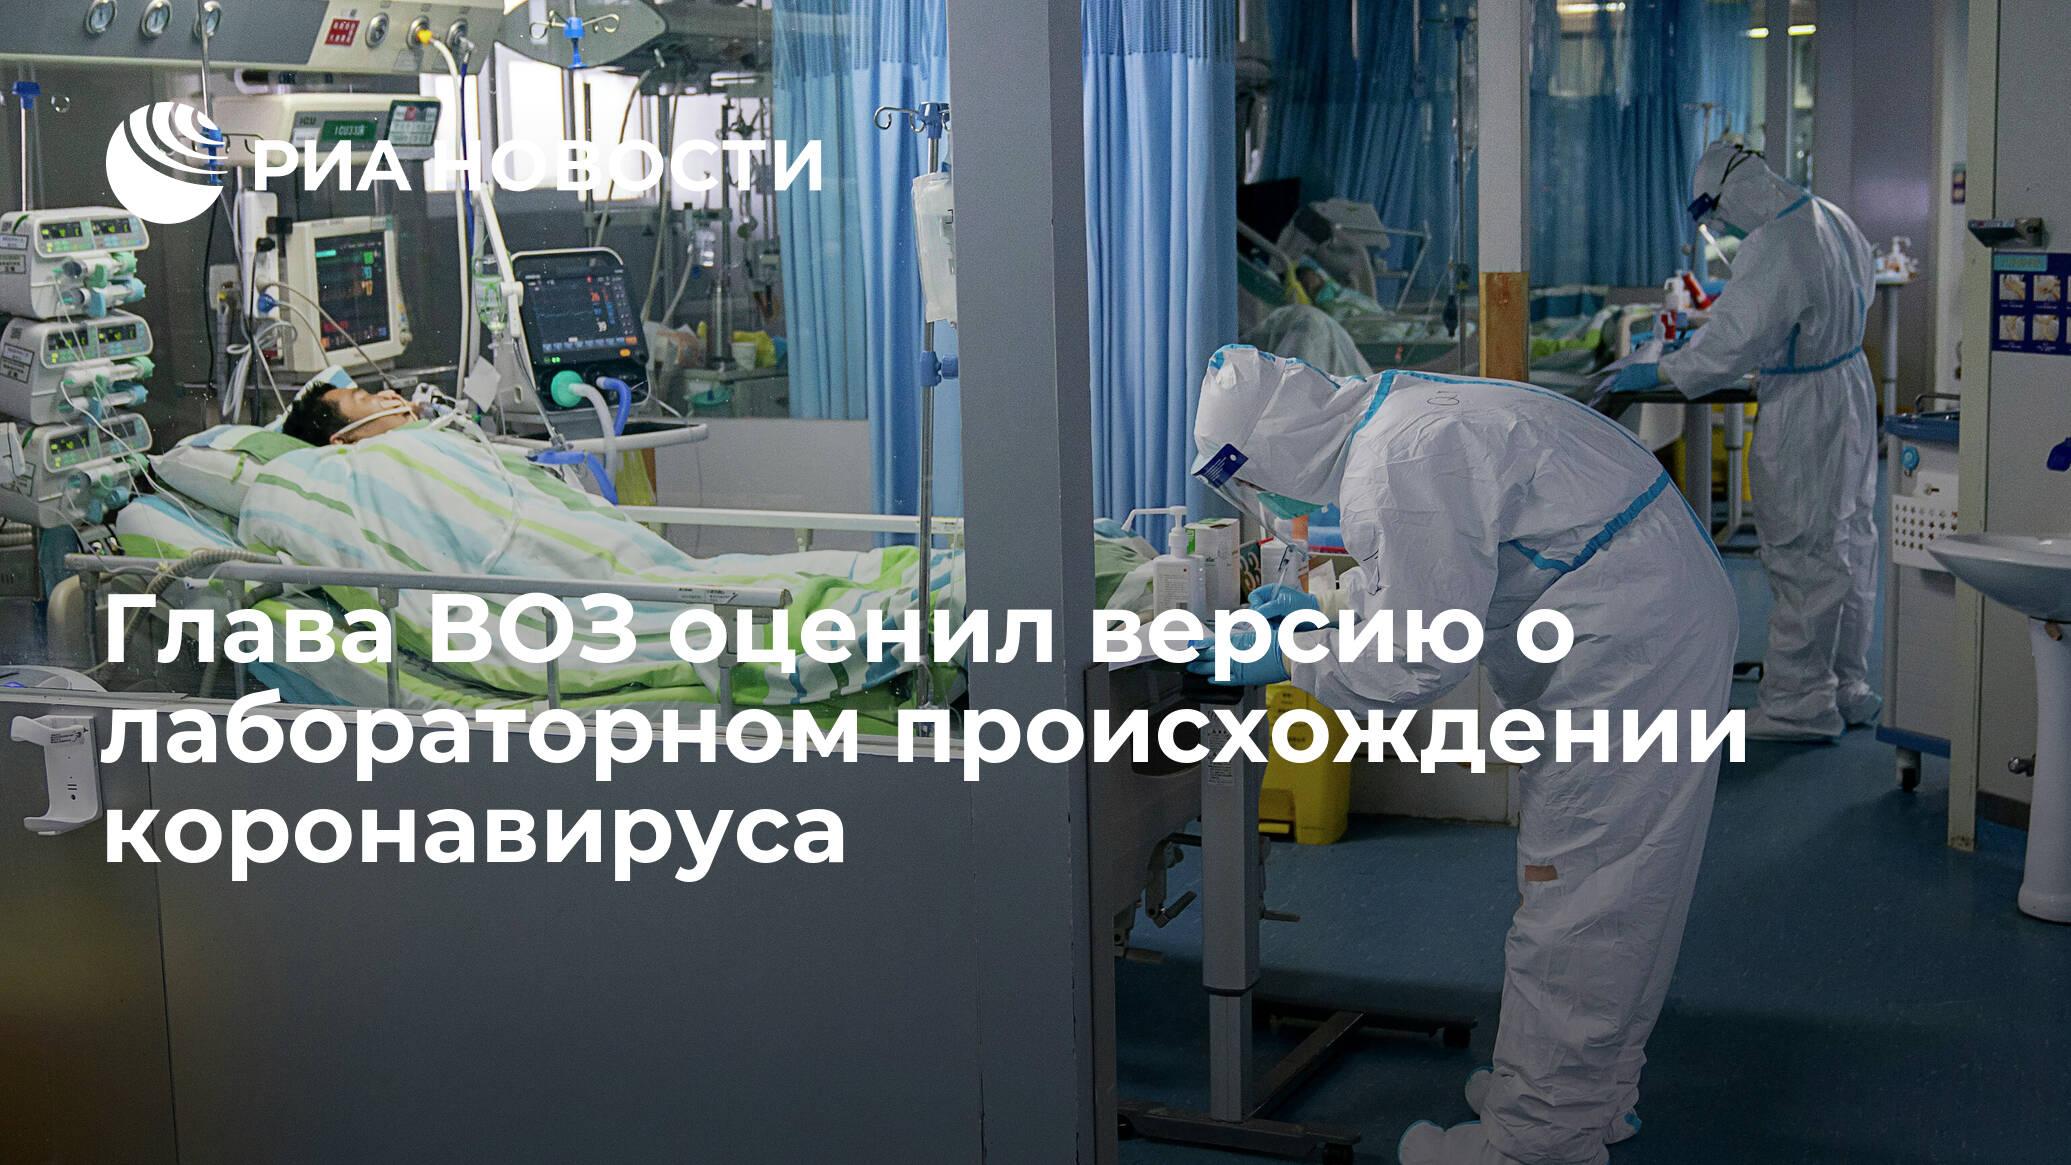 Глава ВОЗ оценил версию о лабораторном происхождении коронавируса